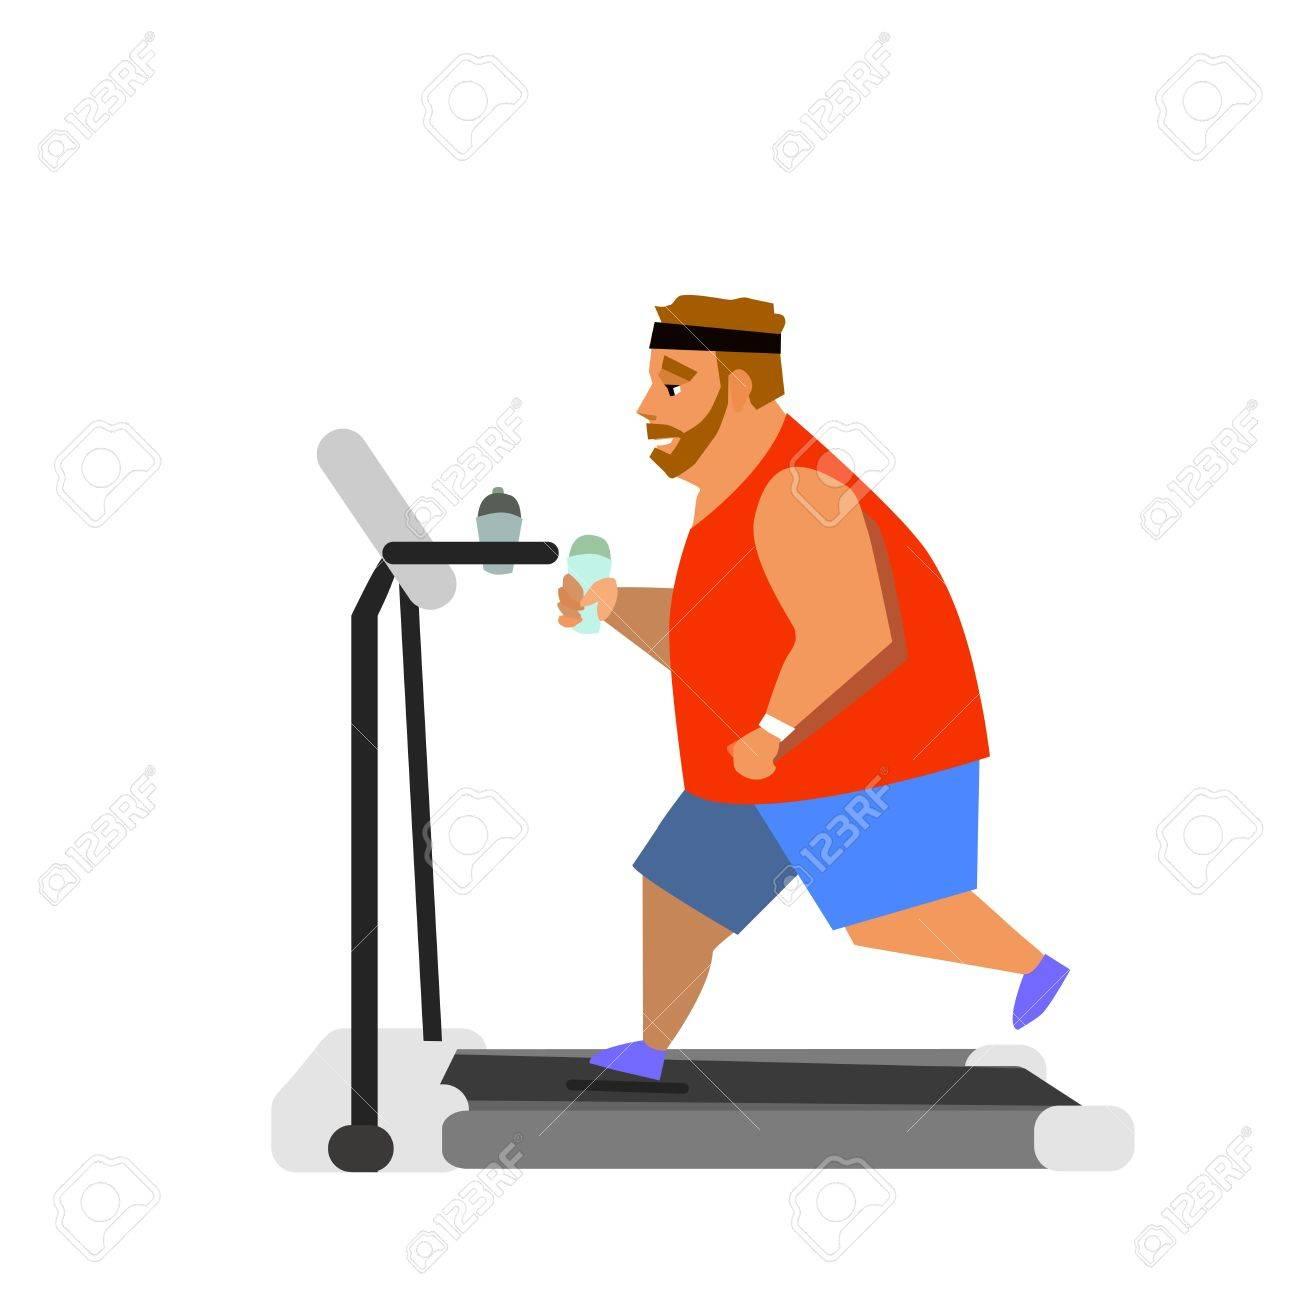 obesite jeune homme courant sur un tapis roulant illustration vectorielle